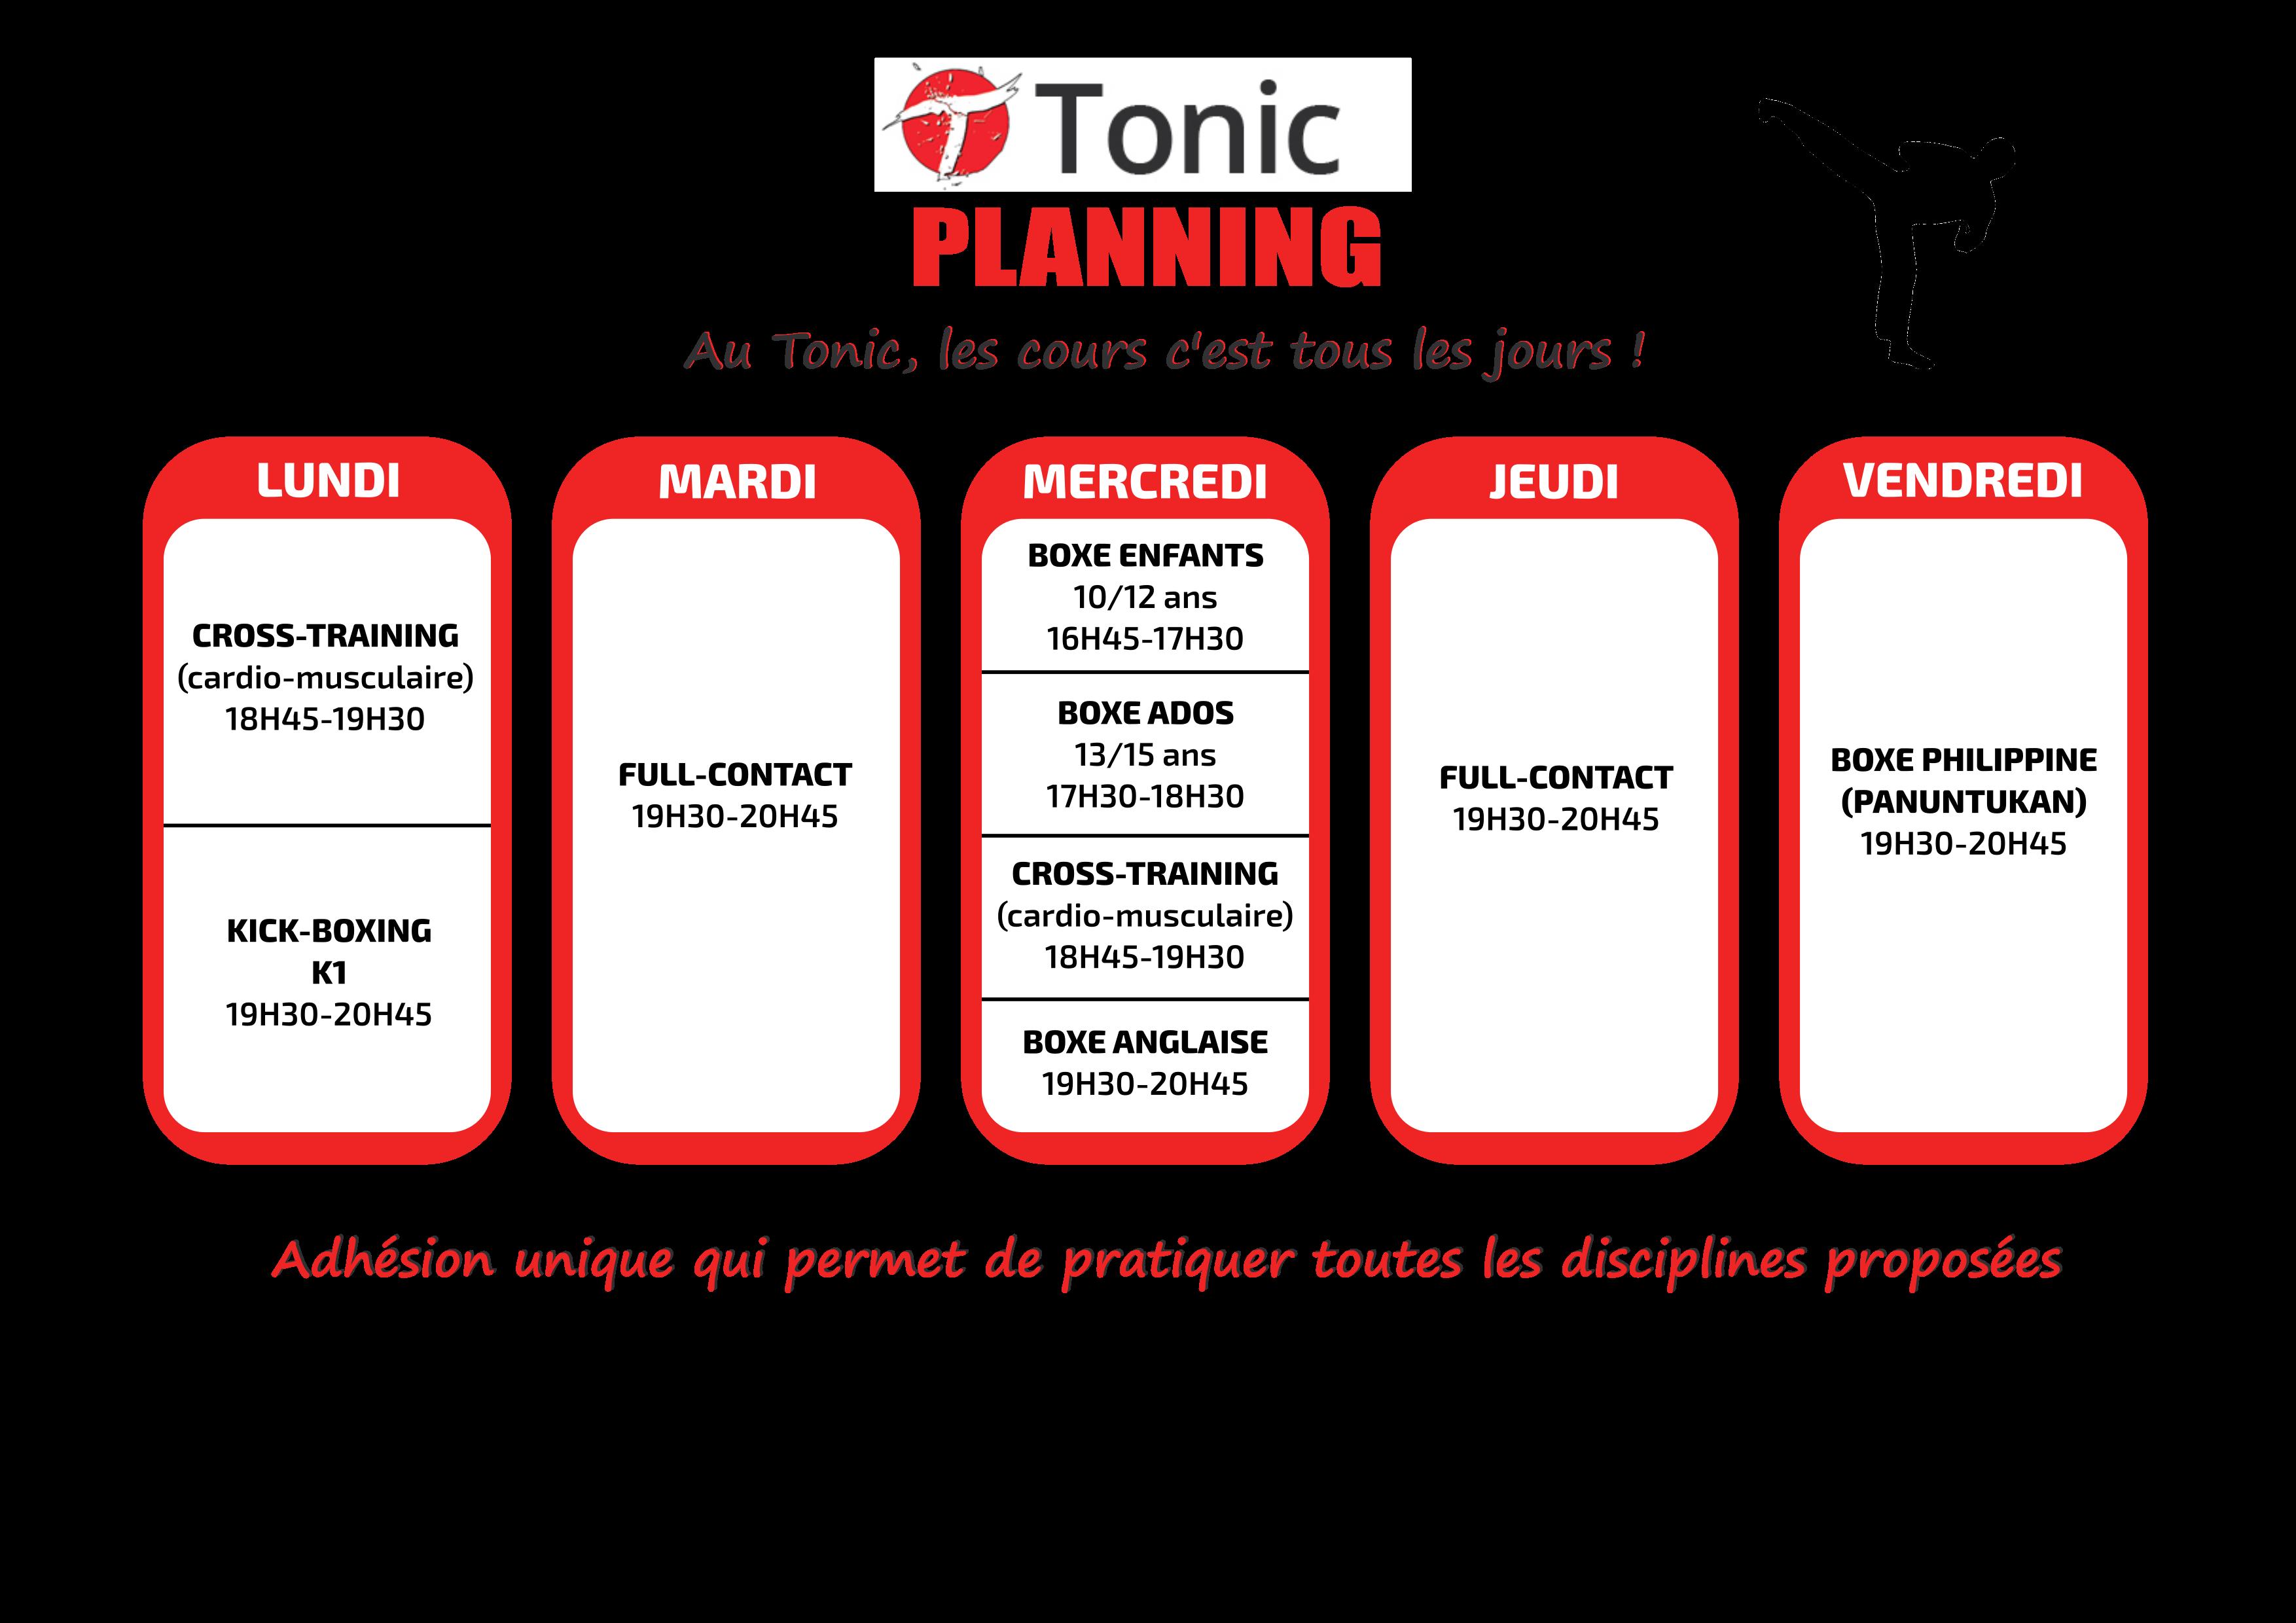 Planning Tonic 2021-2022